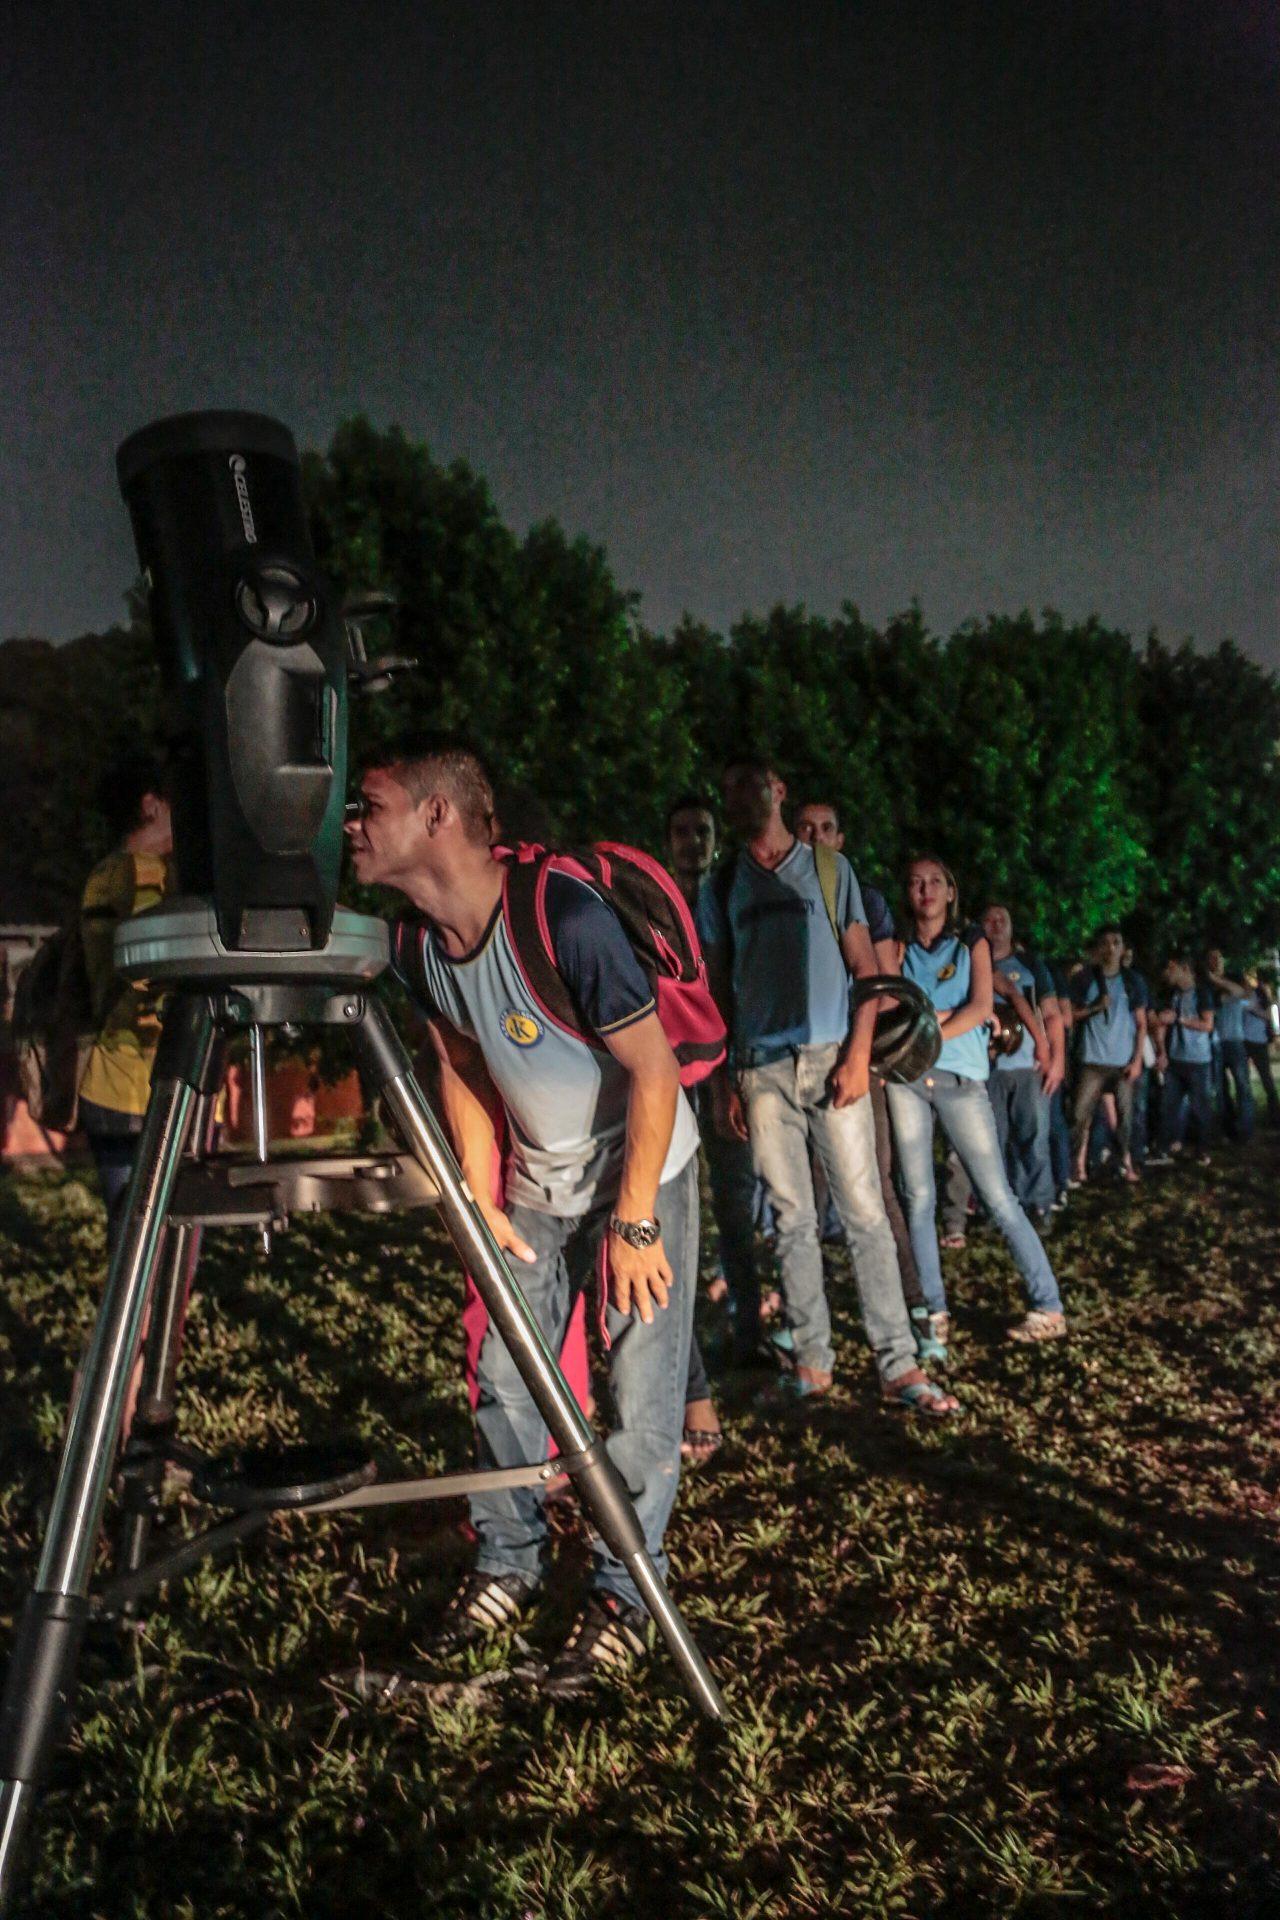 Professor-de-física-leva-telescópios-para-aula-prática-de-astronomia-na-Escola-John-Kennedy-30-08-17-7.jpg